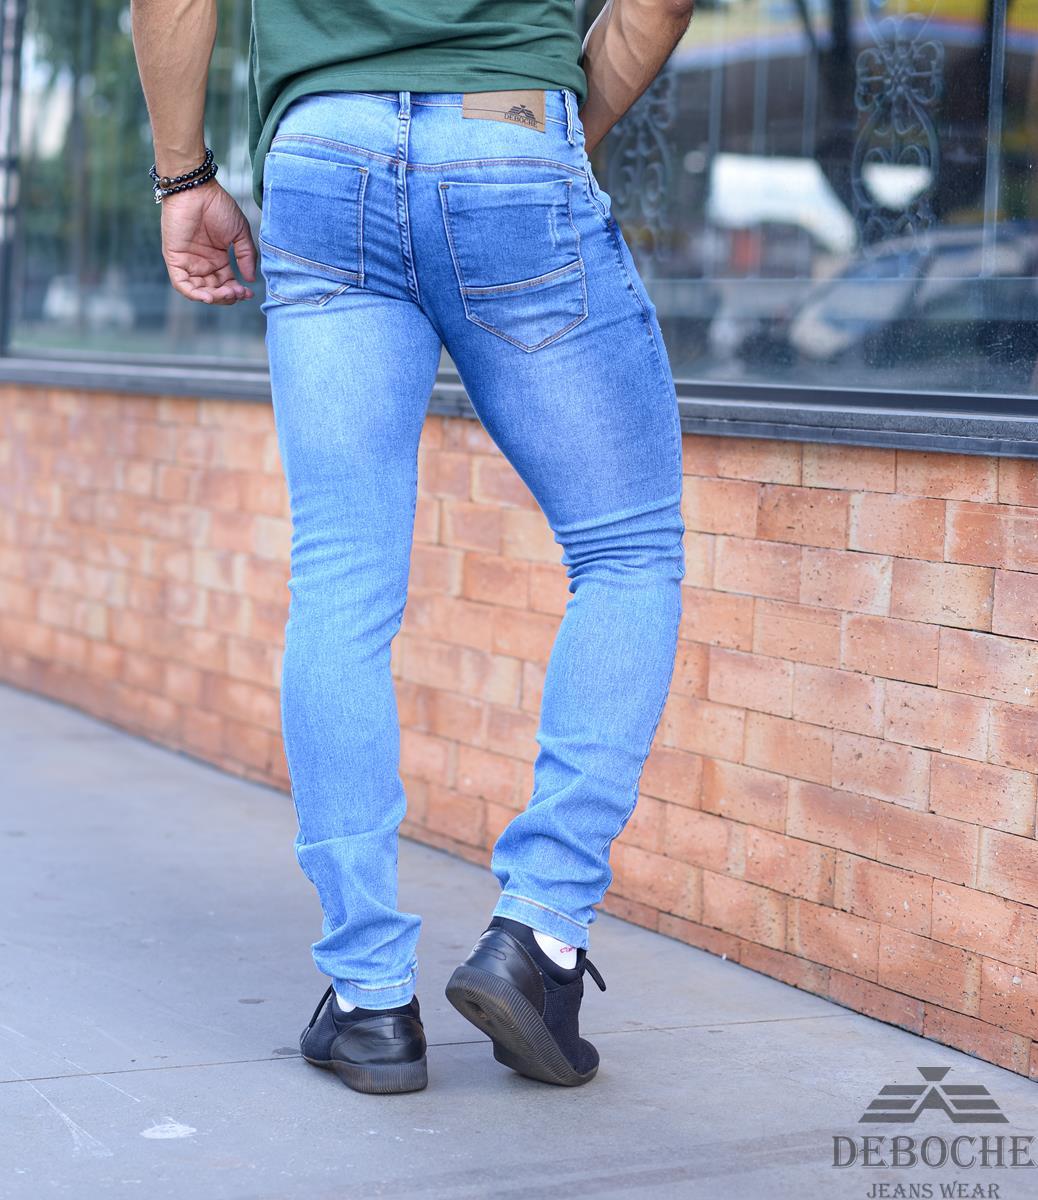 deboche-jeans-wear-dia22 (27)